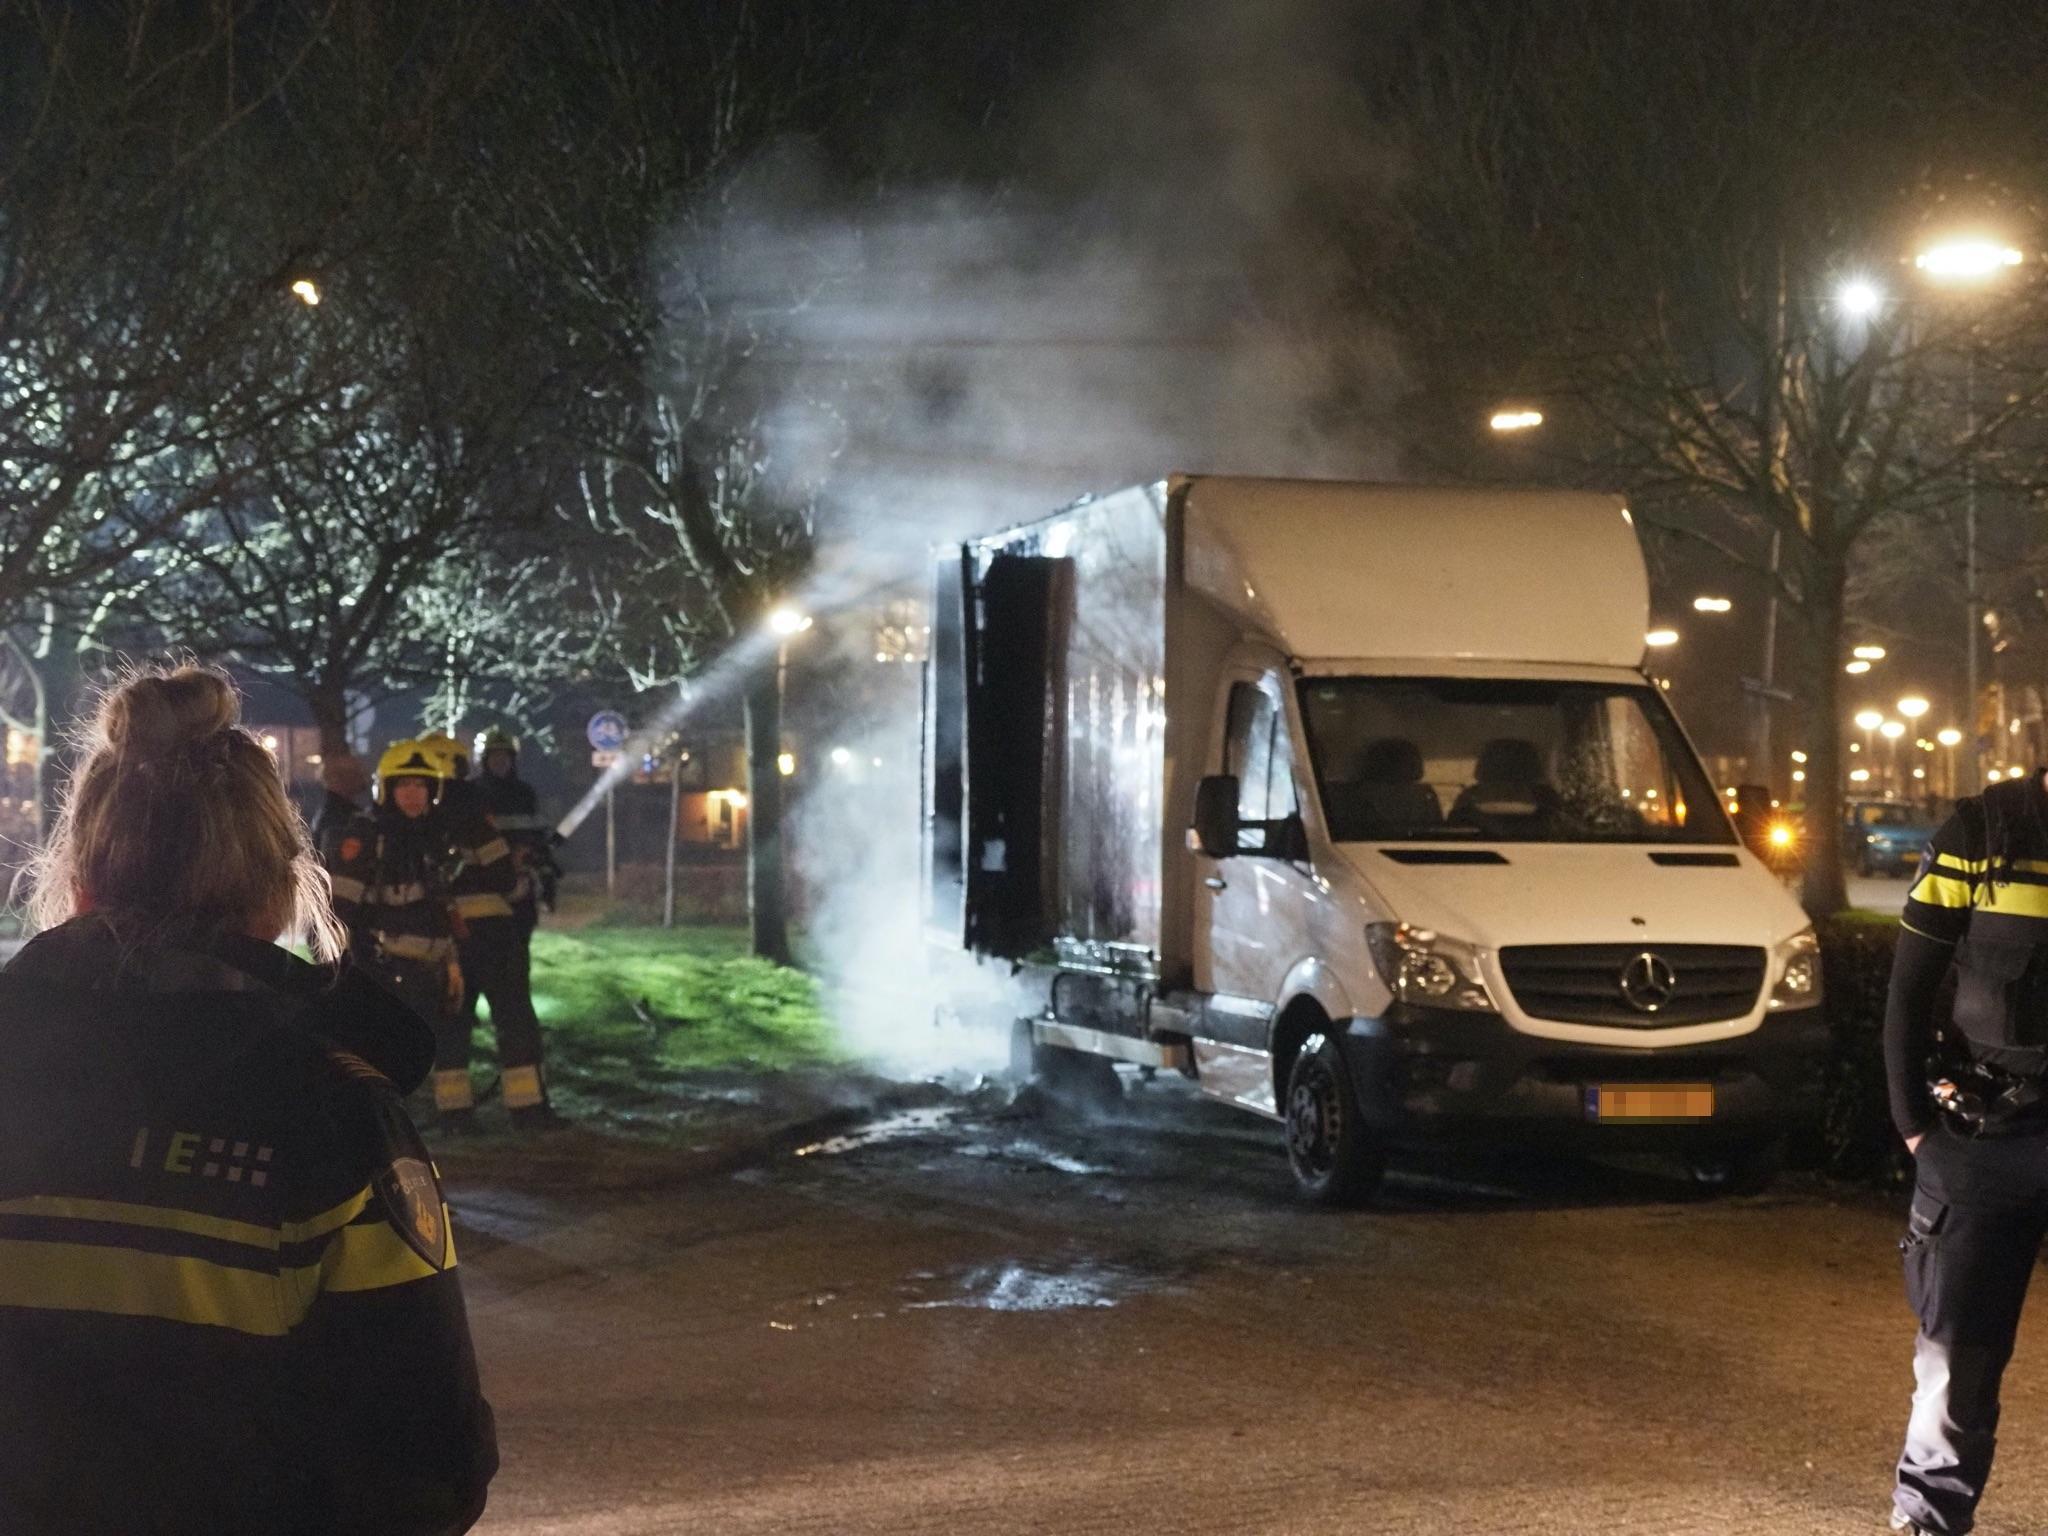 Vlammen slaan uit brandende vrachtwagen in Velserbroek. Politie gaat uit van brandstichting [update]